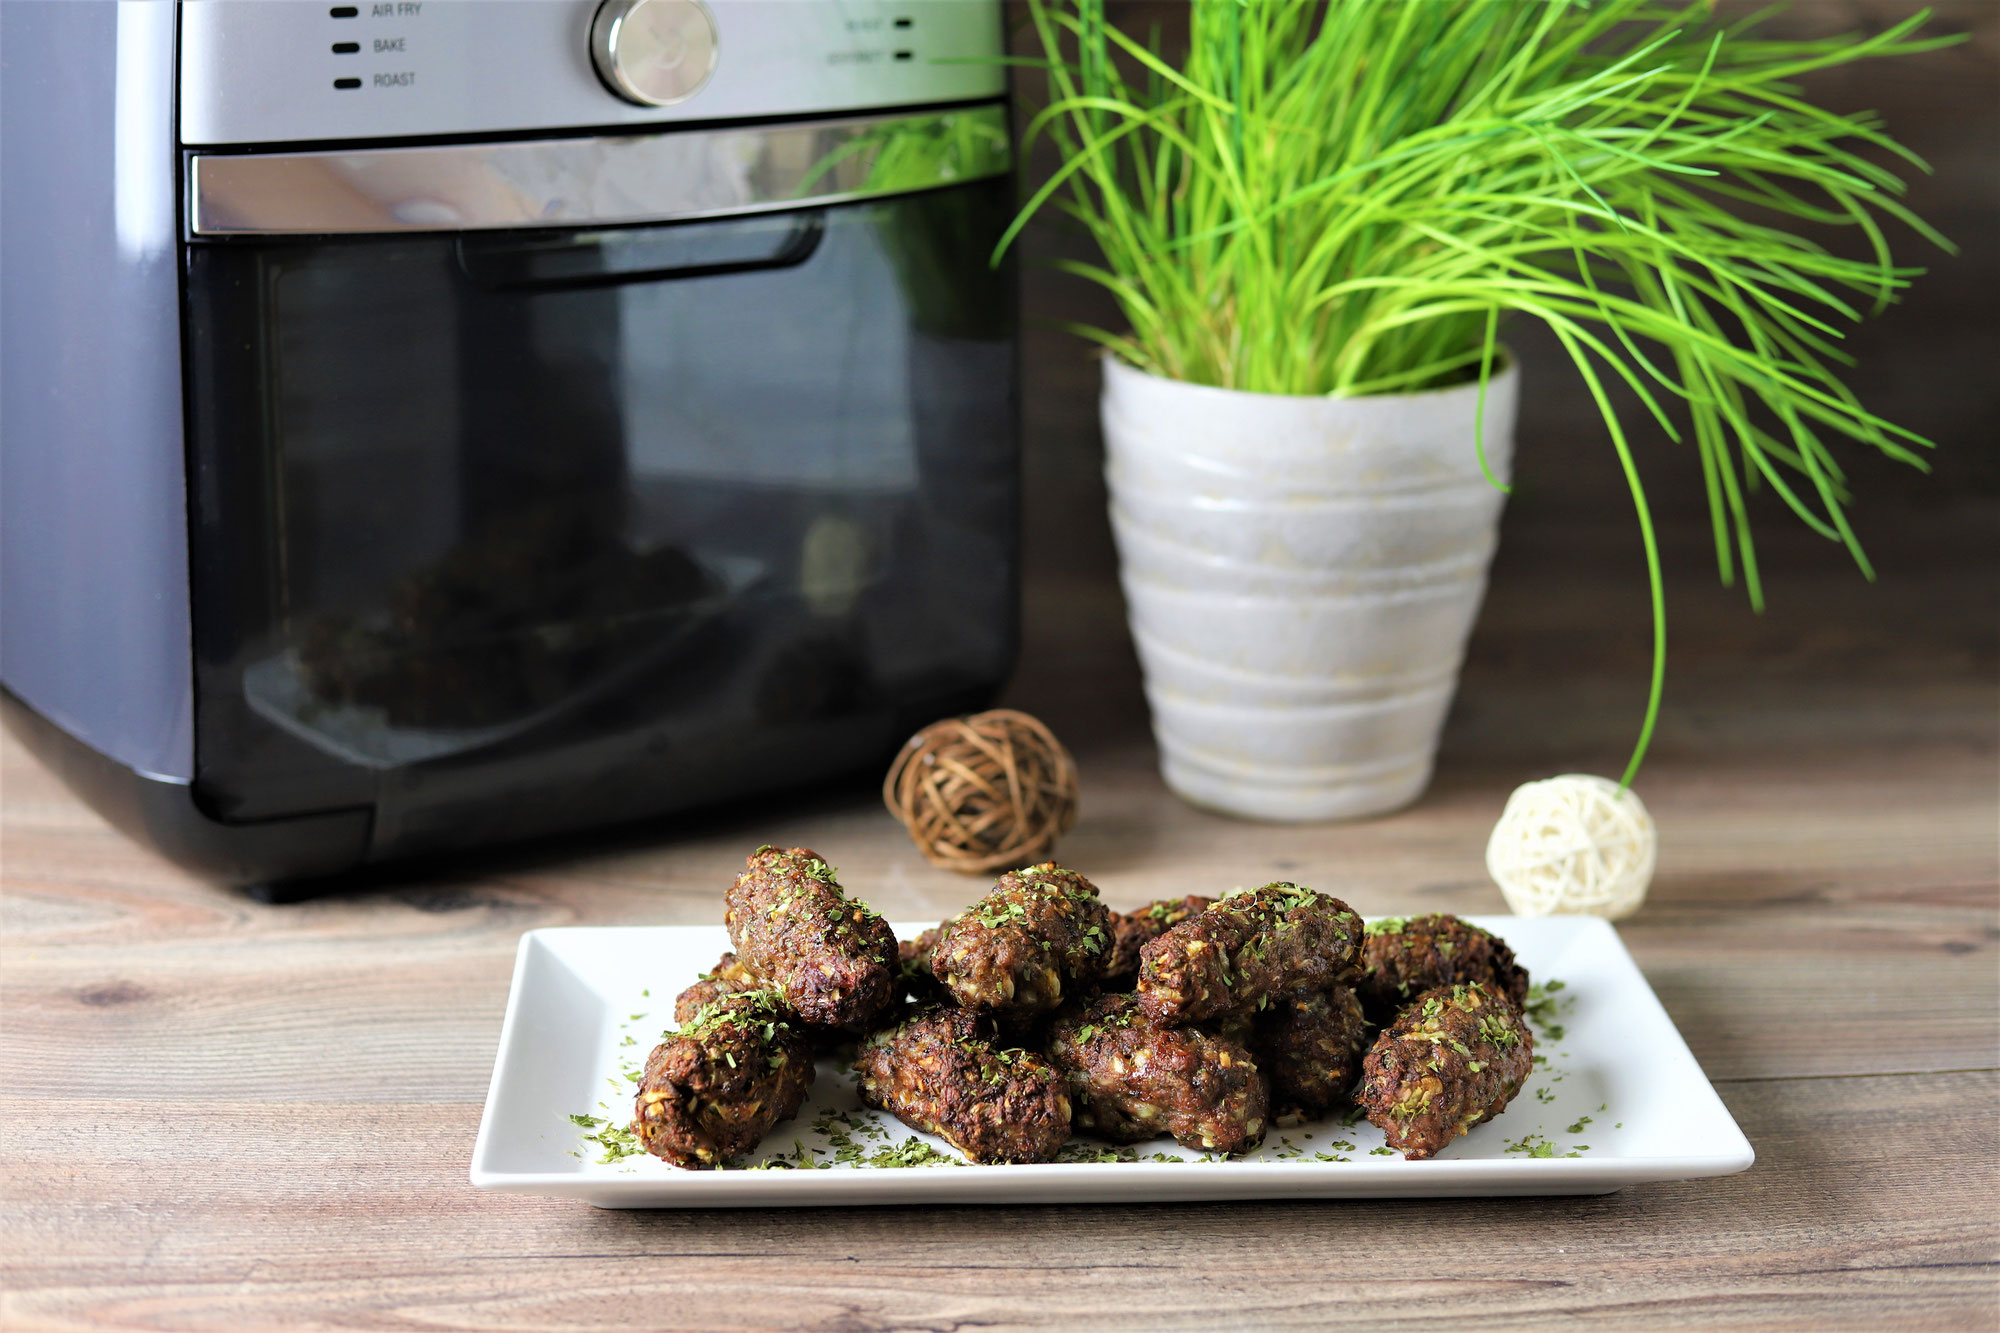 Cevapcici im Deluxe Air Fryer von Pampered Chef®